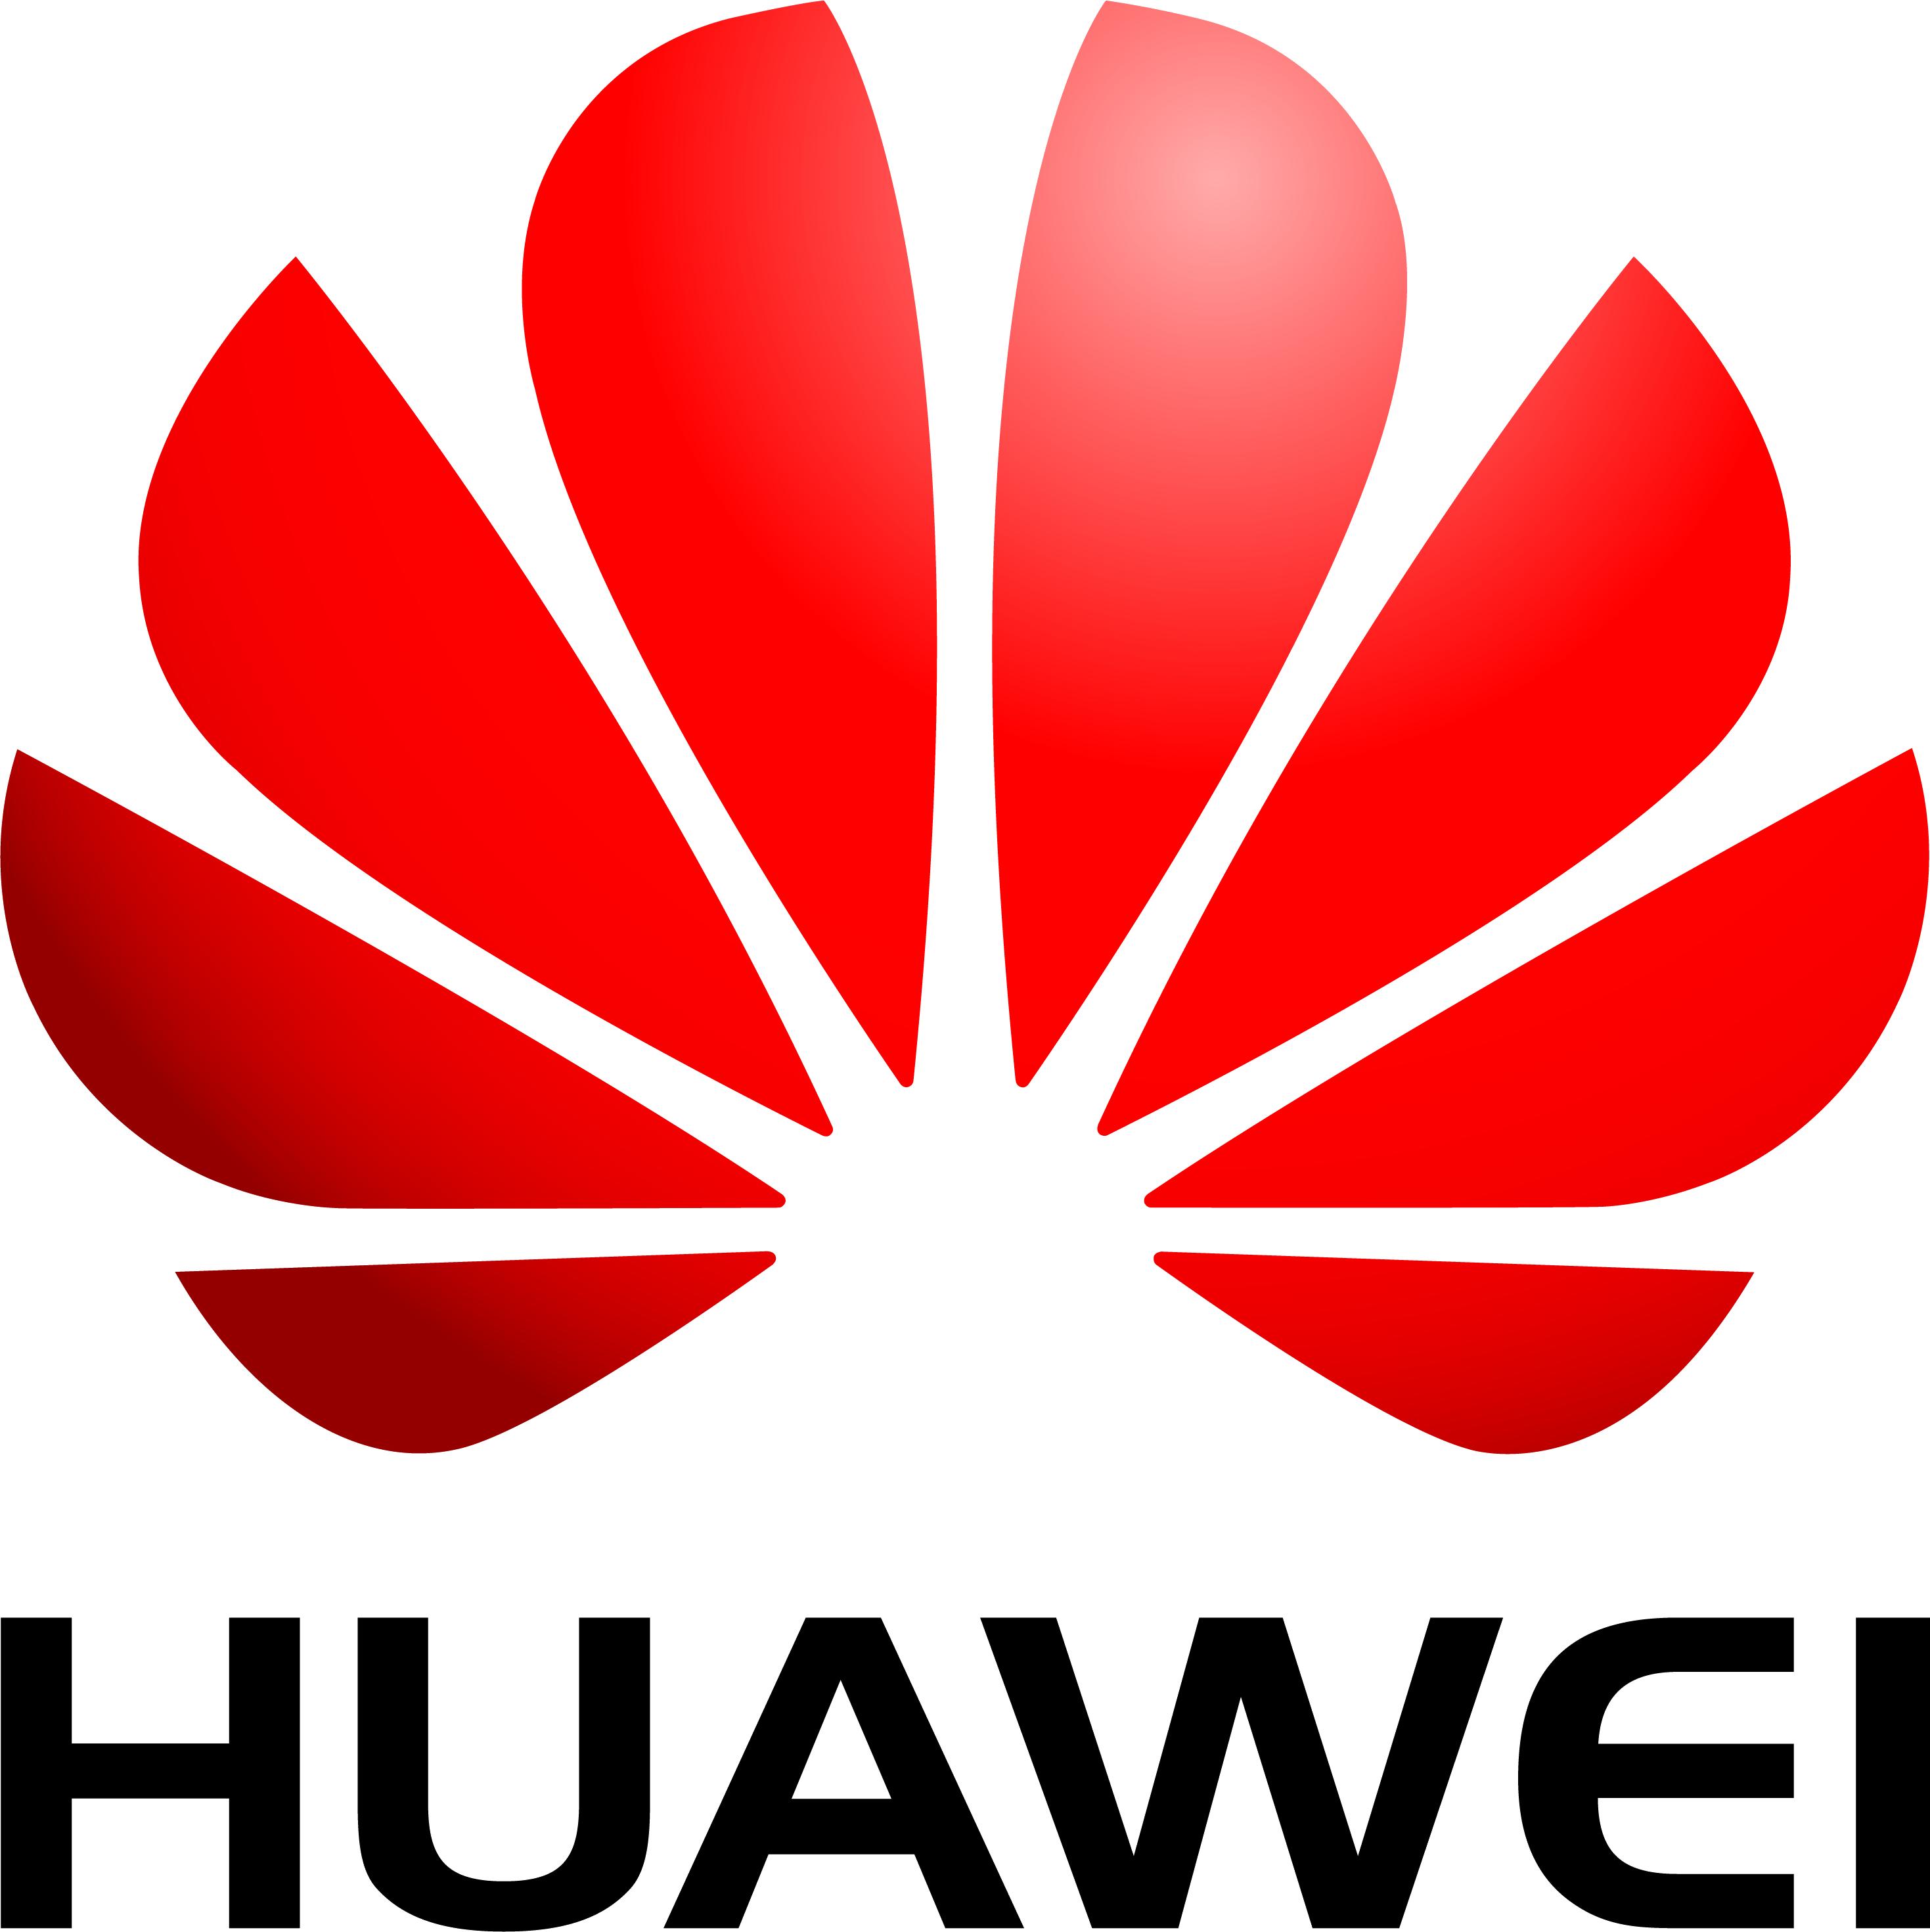 Huawei logo png hd 6978 Free Transparent PNG Logos